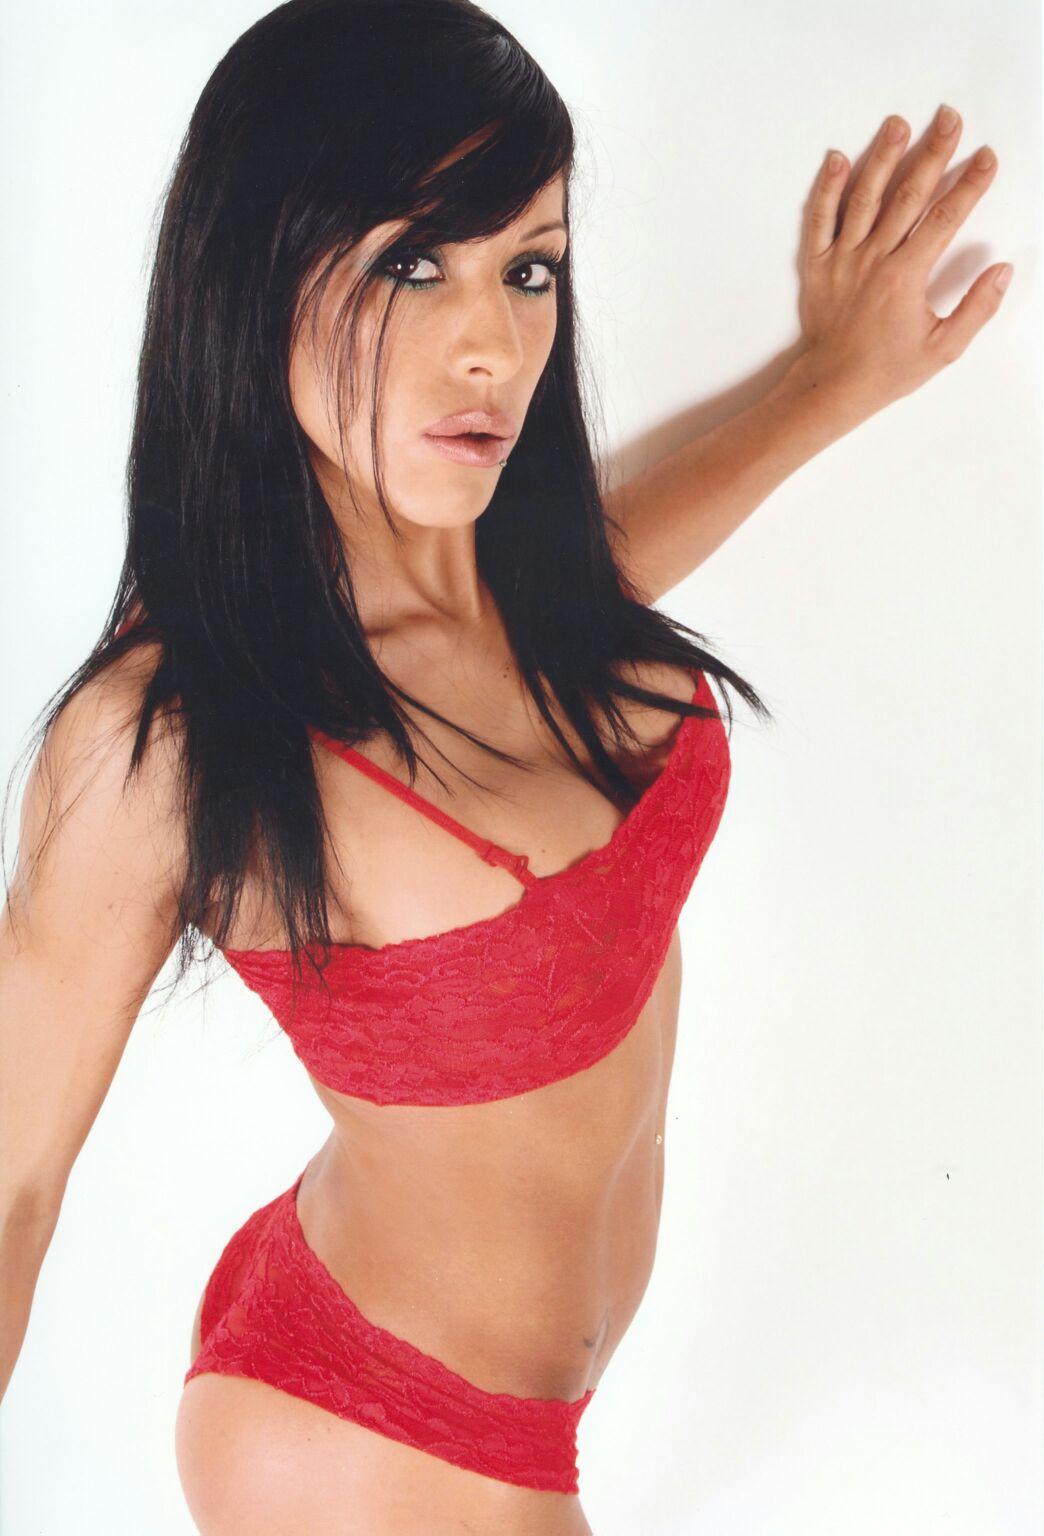 Marta Stripers Valencia